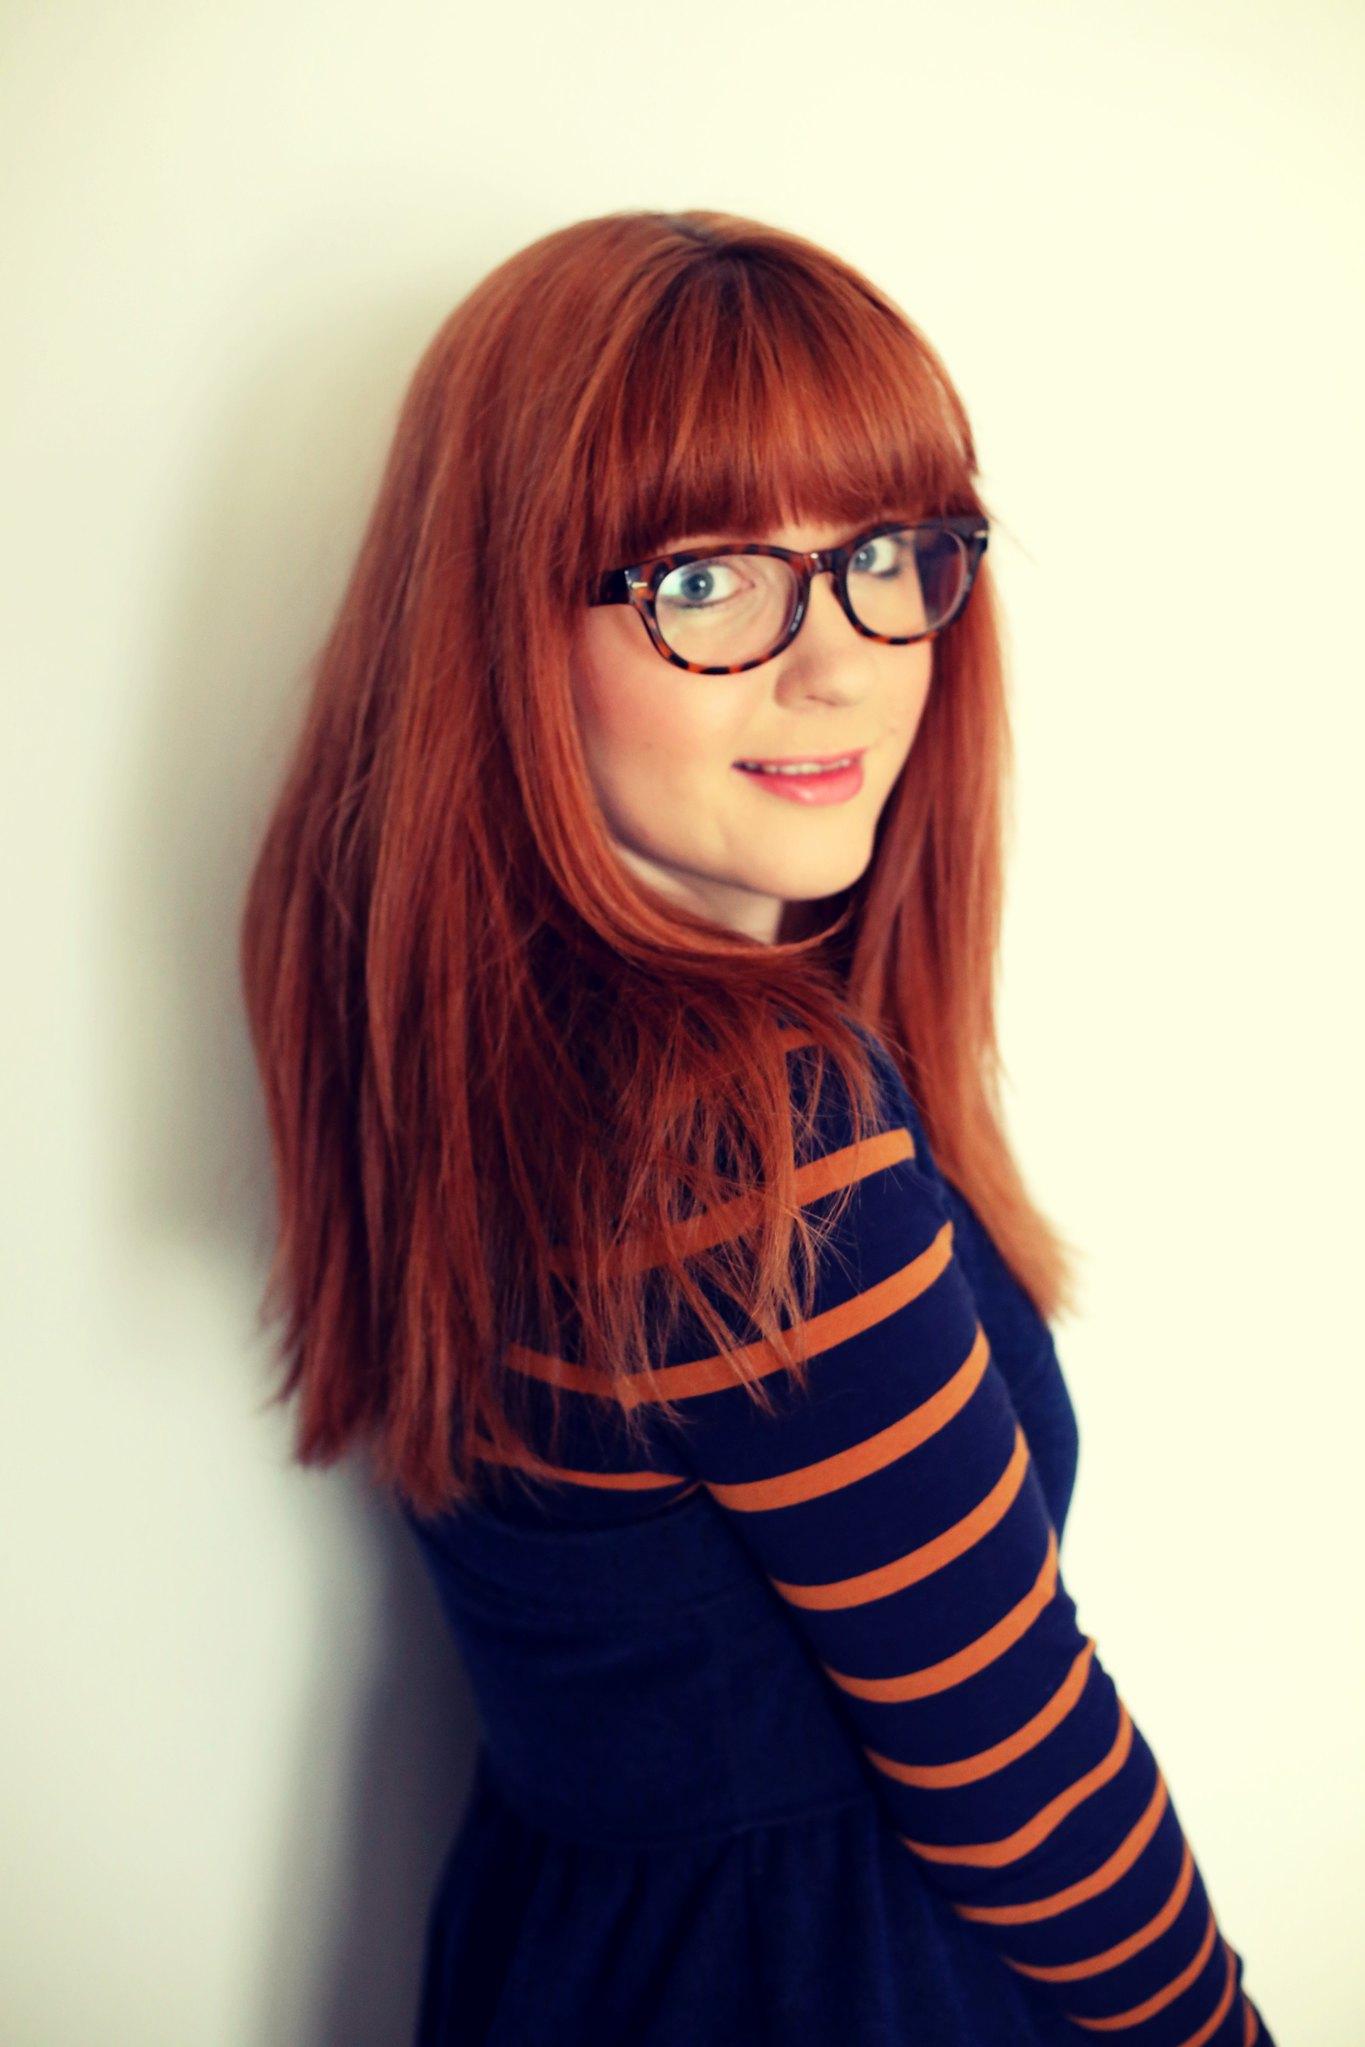 redhead hair care